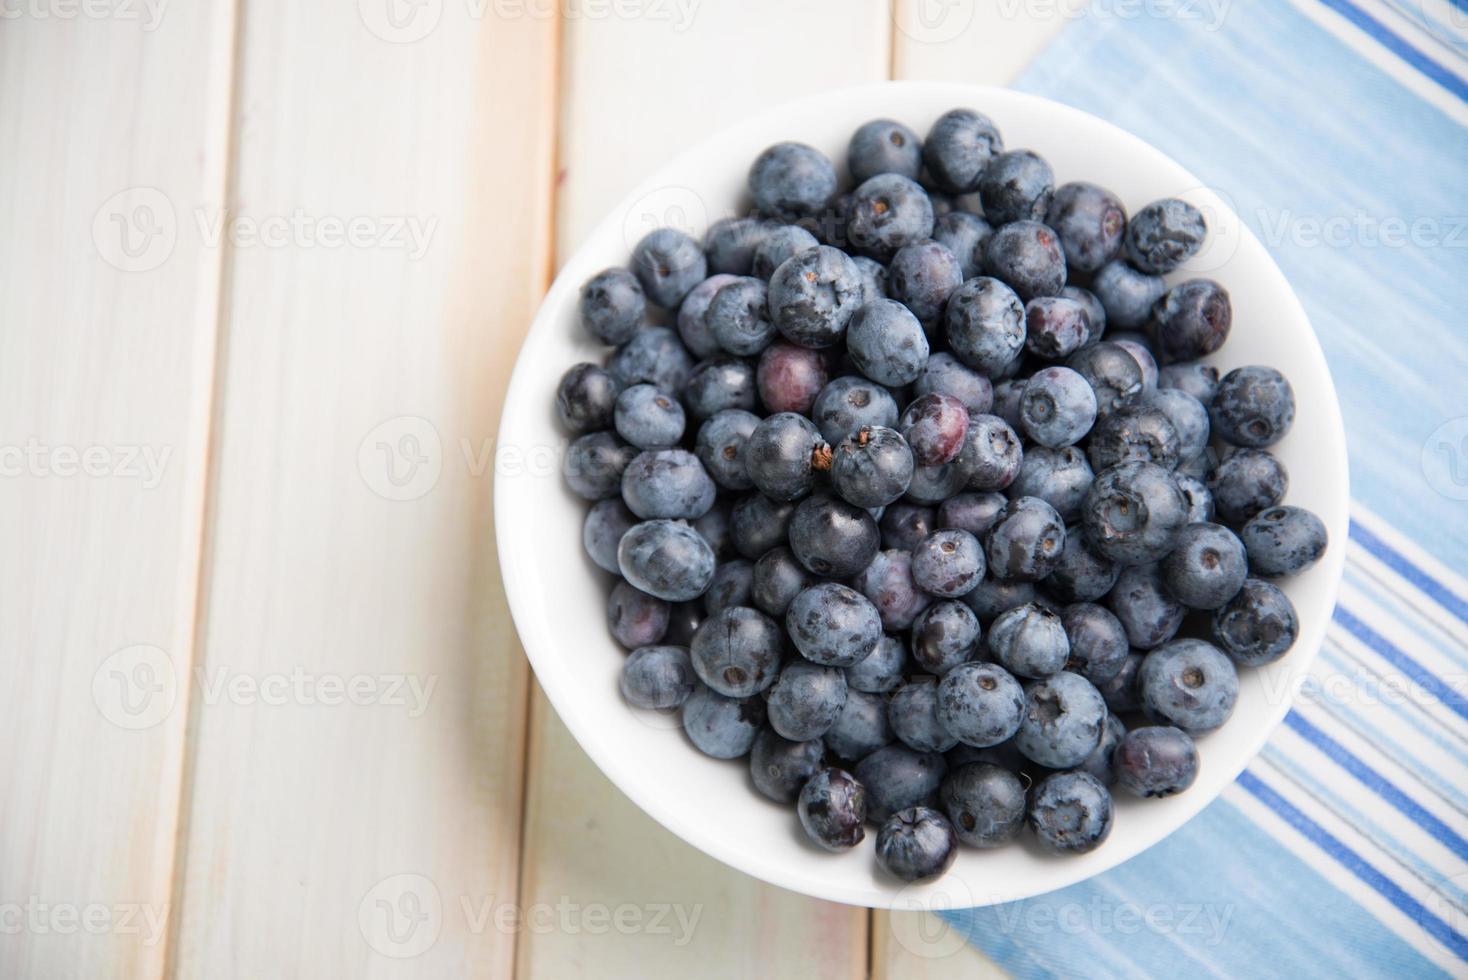 färska blåbär jon vit platta på köksbordet foto